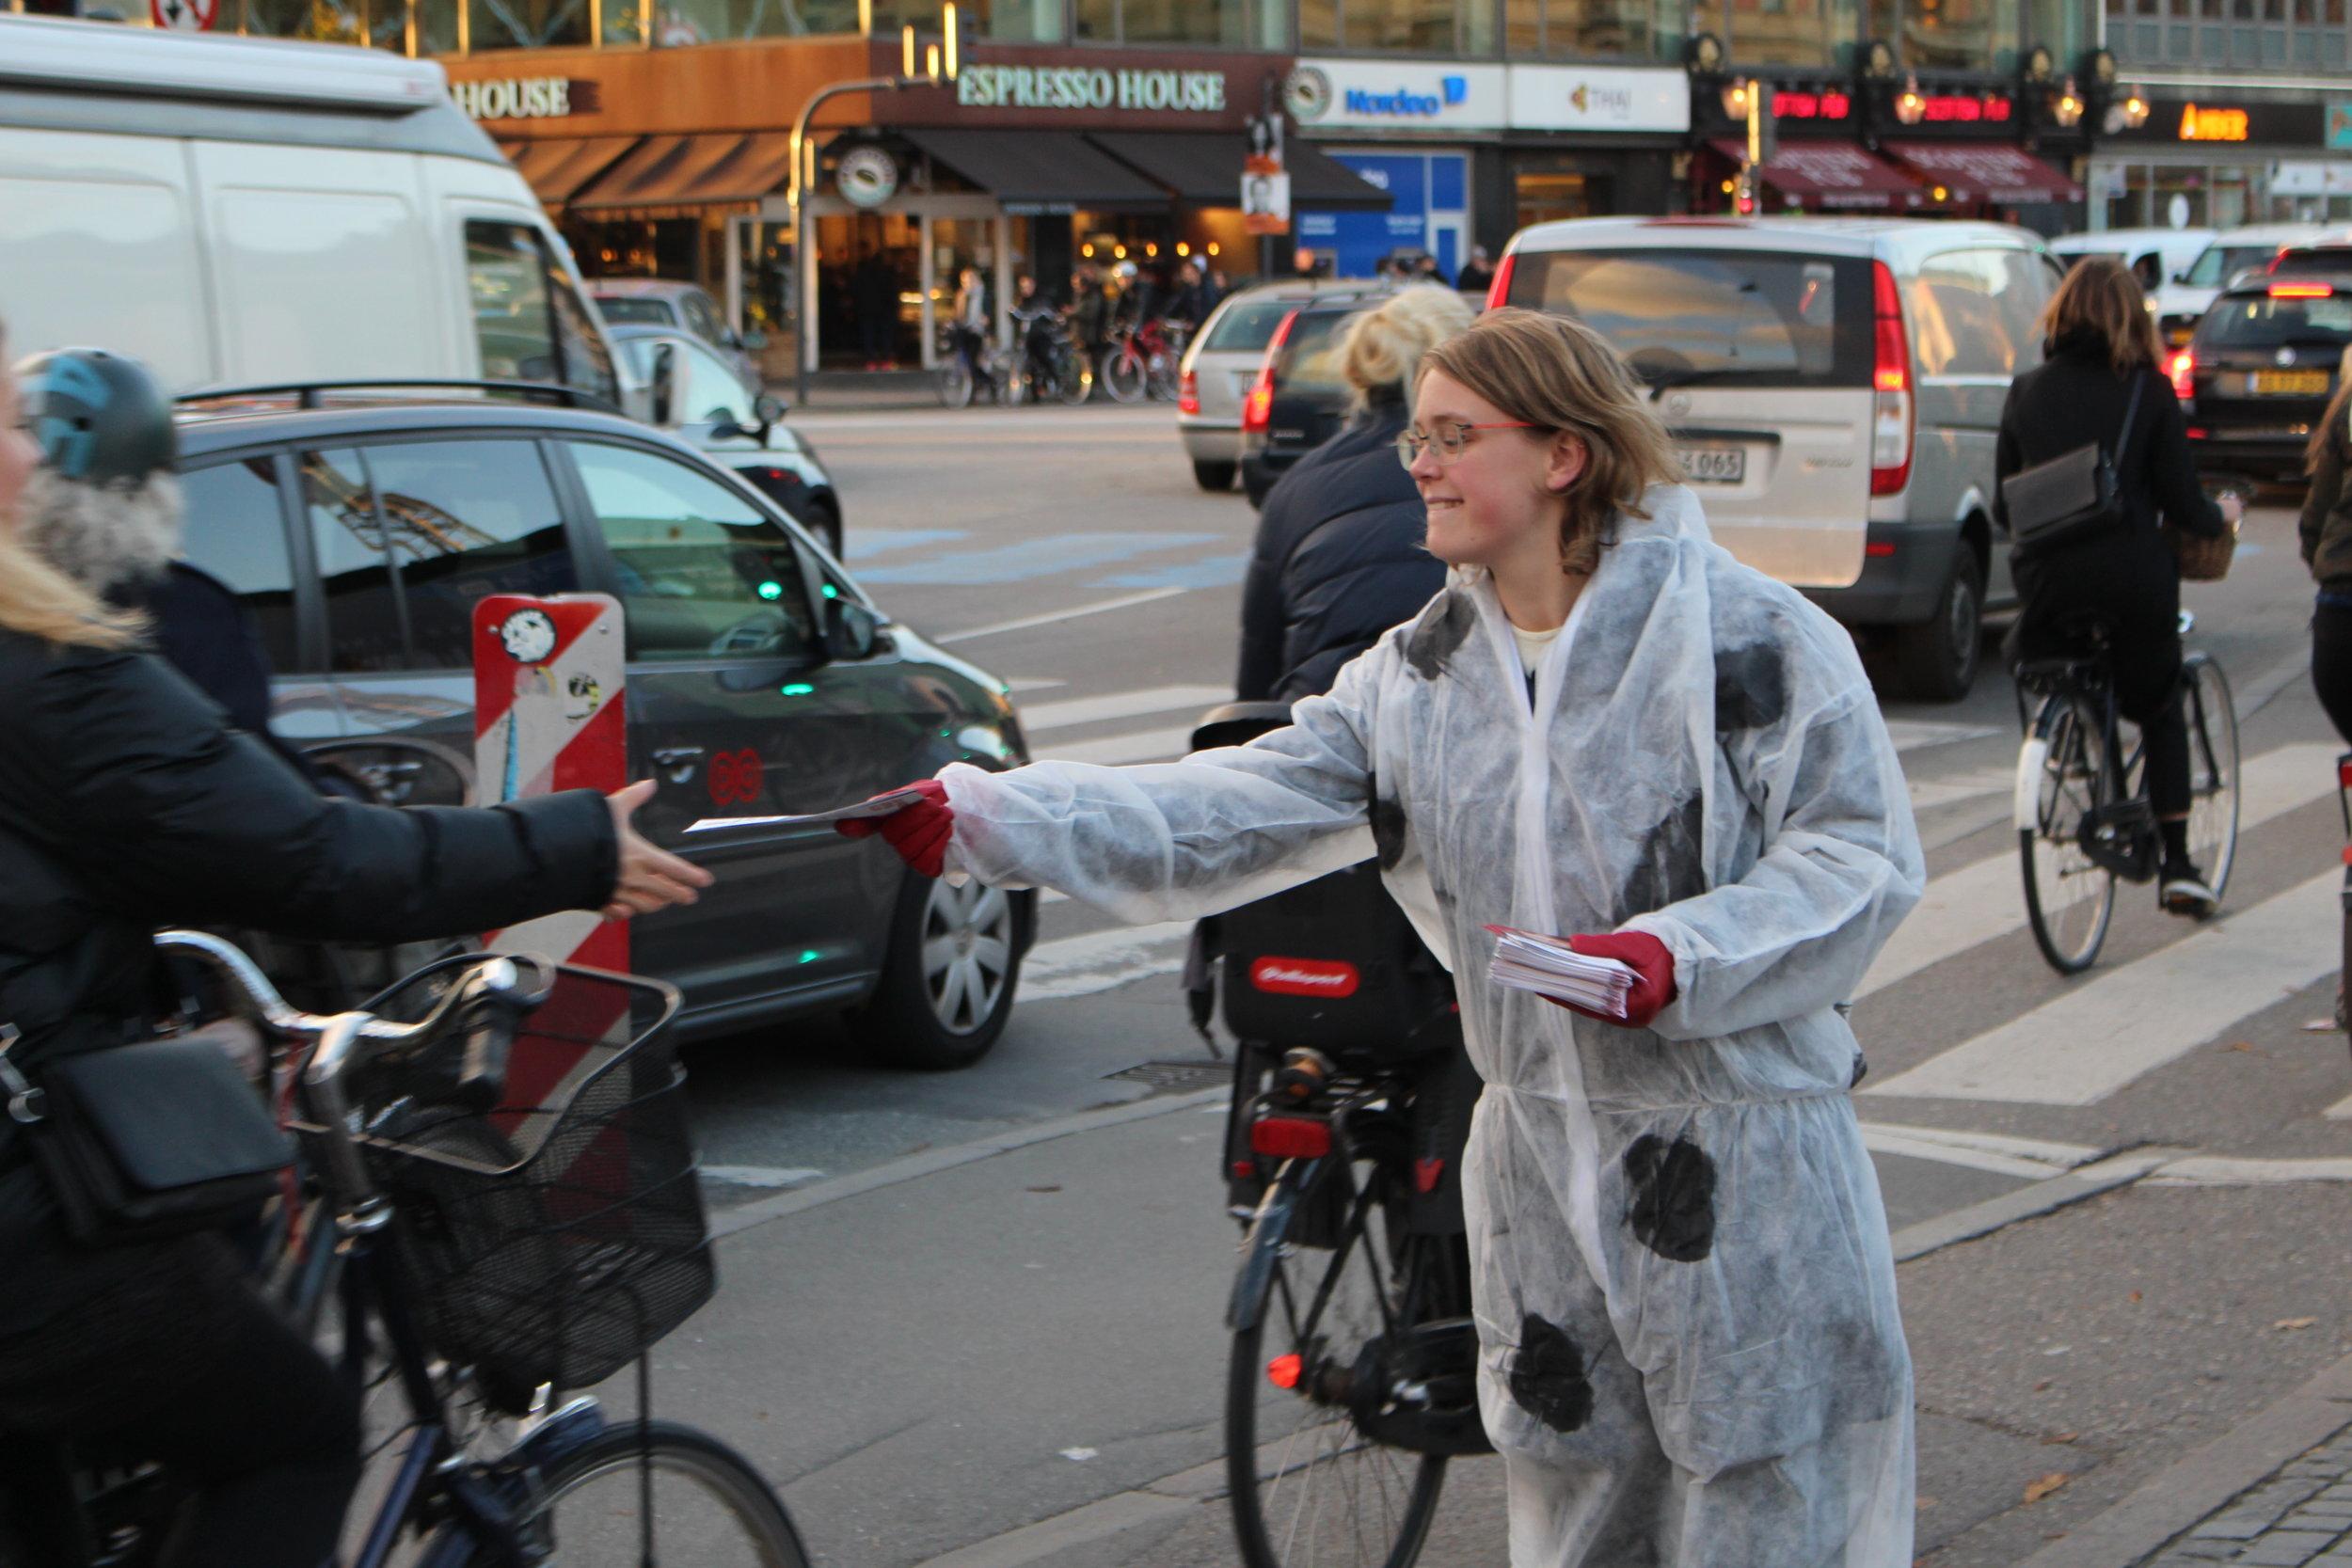 Udfasning af erhvervsrelateret forbrænding af fossile brændsler på dansk jord i 2035 - En del industri i Danmark anvender stadig forbrændingsovne, hvor der bliver afbrændt fossile brændstoffer. Disse industrier er vigtige for Danmarks økonomi men giver også en del arbejdspladser til landet. Når det så er sagt, så skal de sammen med resten af Danmark blive grønnere, hvis vi skal have et håb om at blive et CO2-possitivt land. Derfor er det ligesom landbruget vigtigt, at vi stiller krav om at industrierne skal omstille sig for fællesskabets skyld.